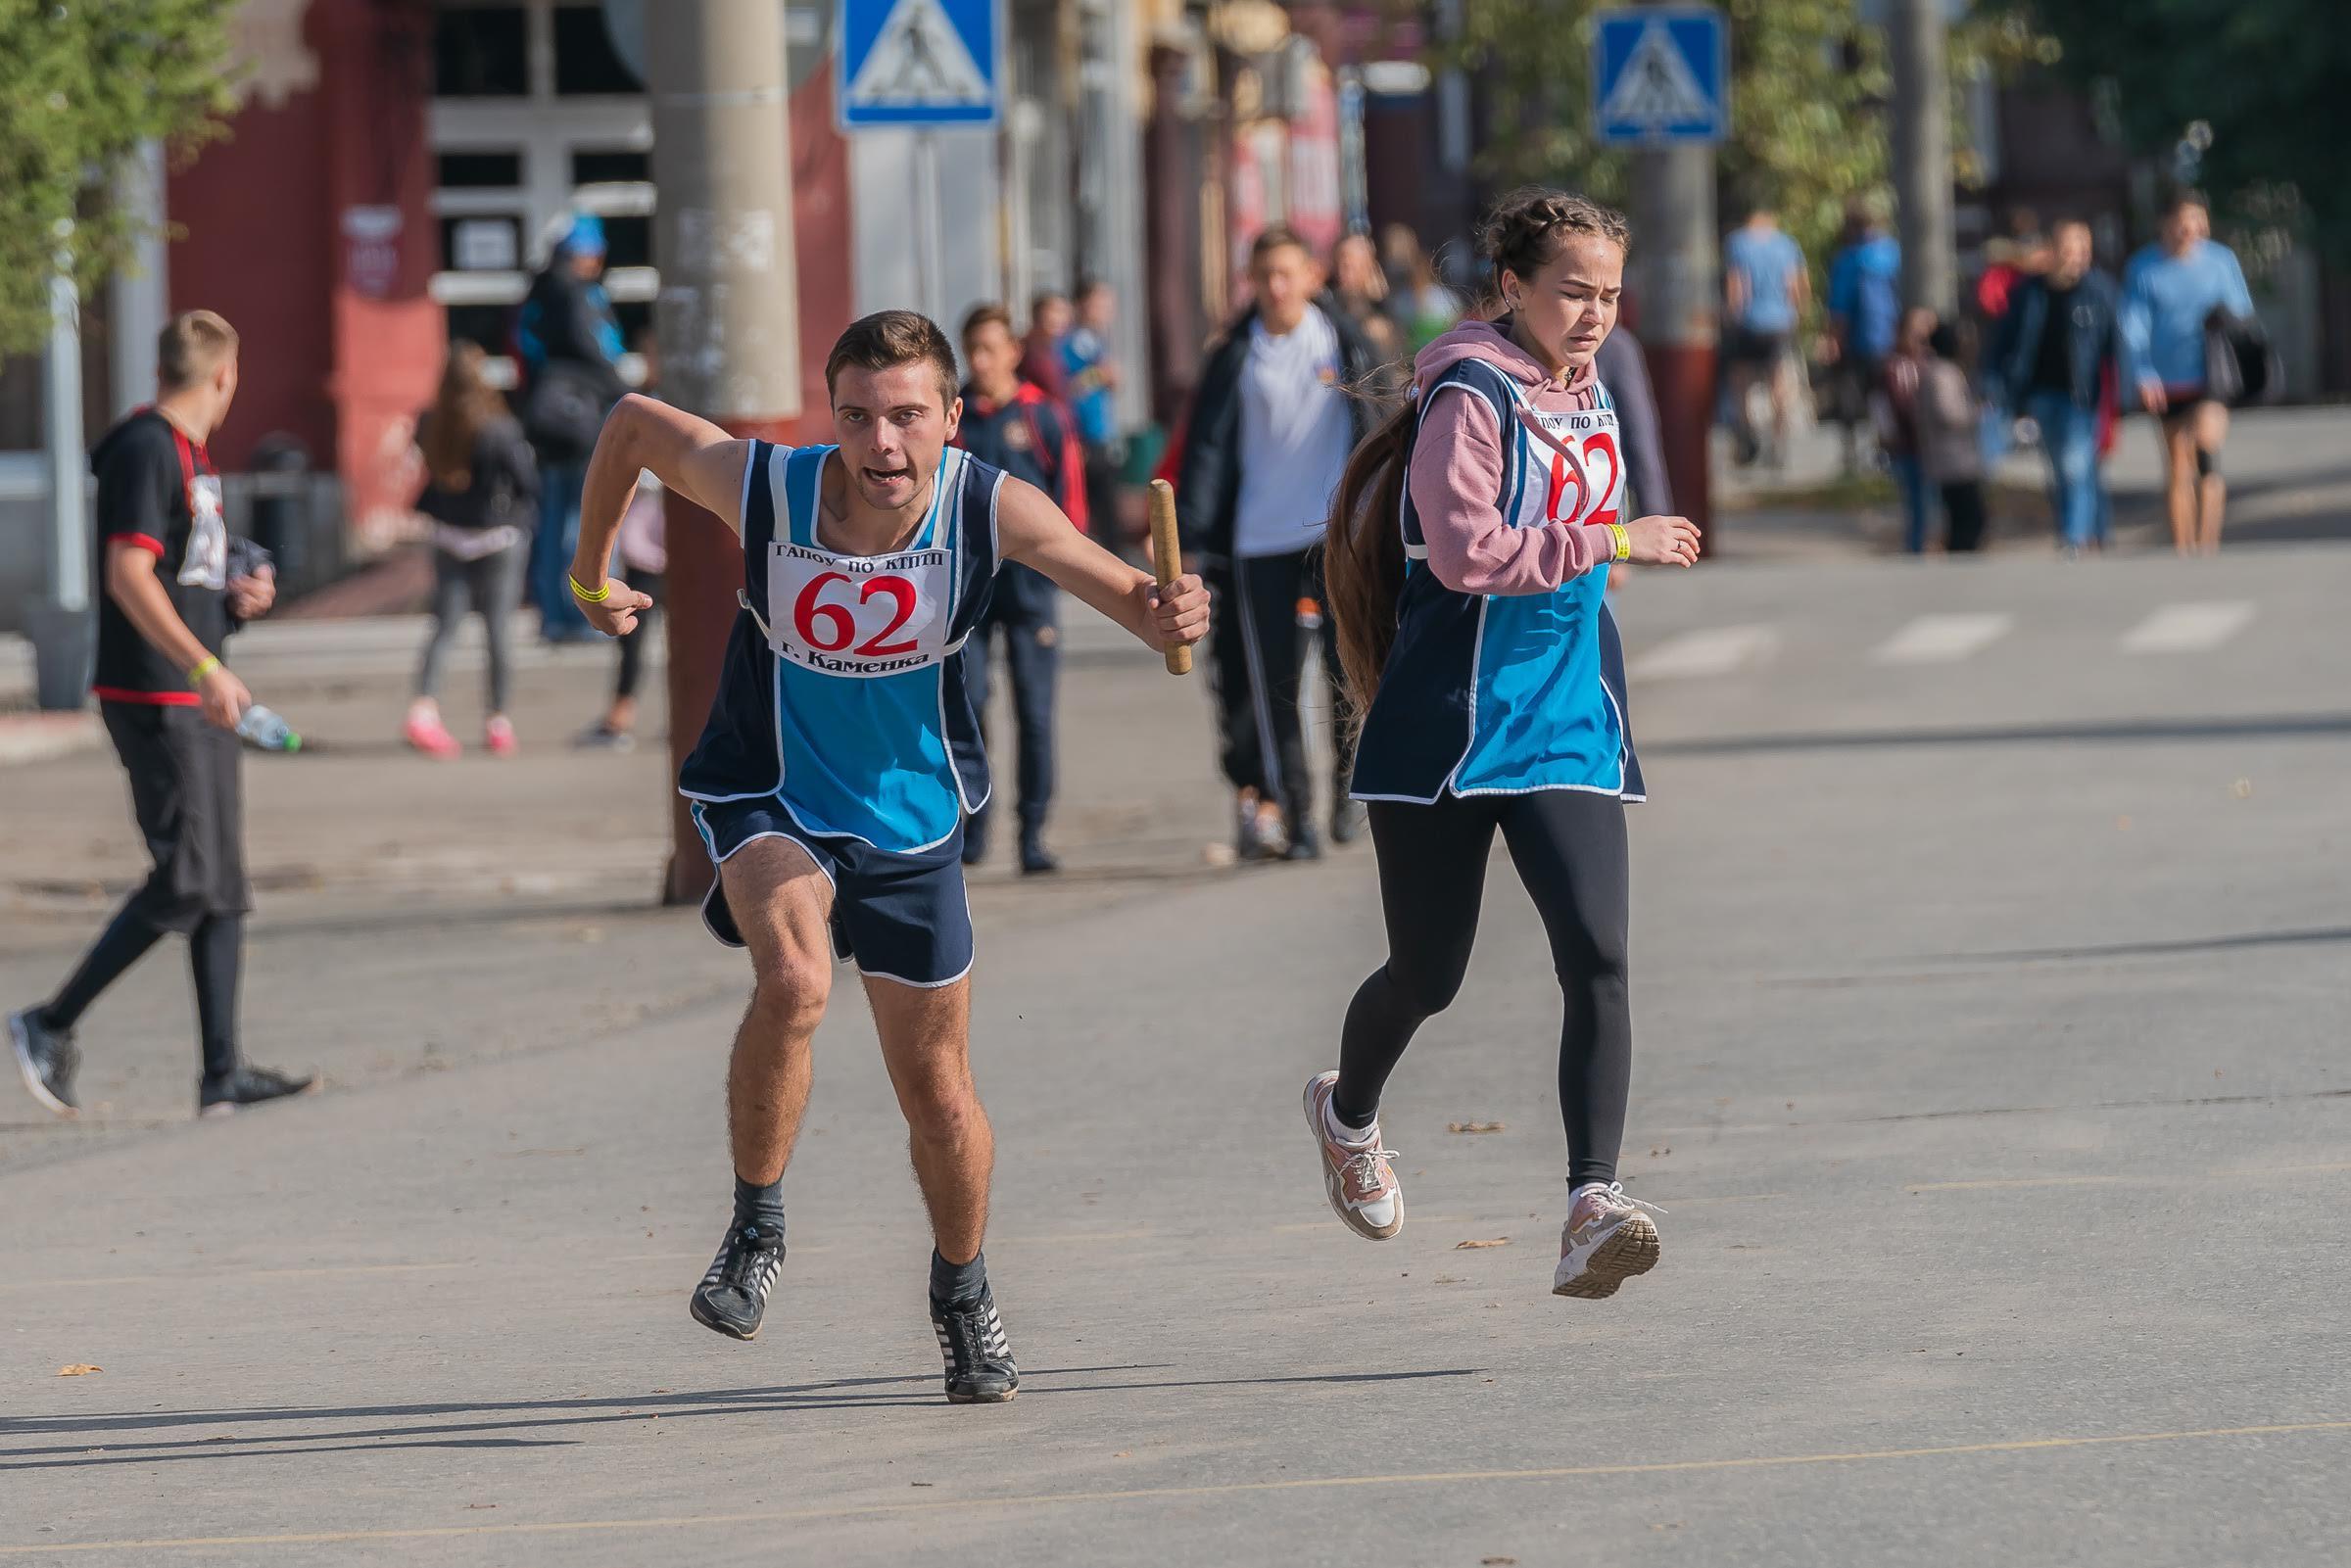 30-я юбилейная областная легкоатлетическая эстафета в г. Кузнецке